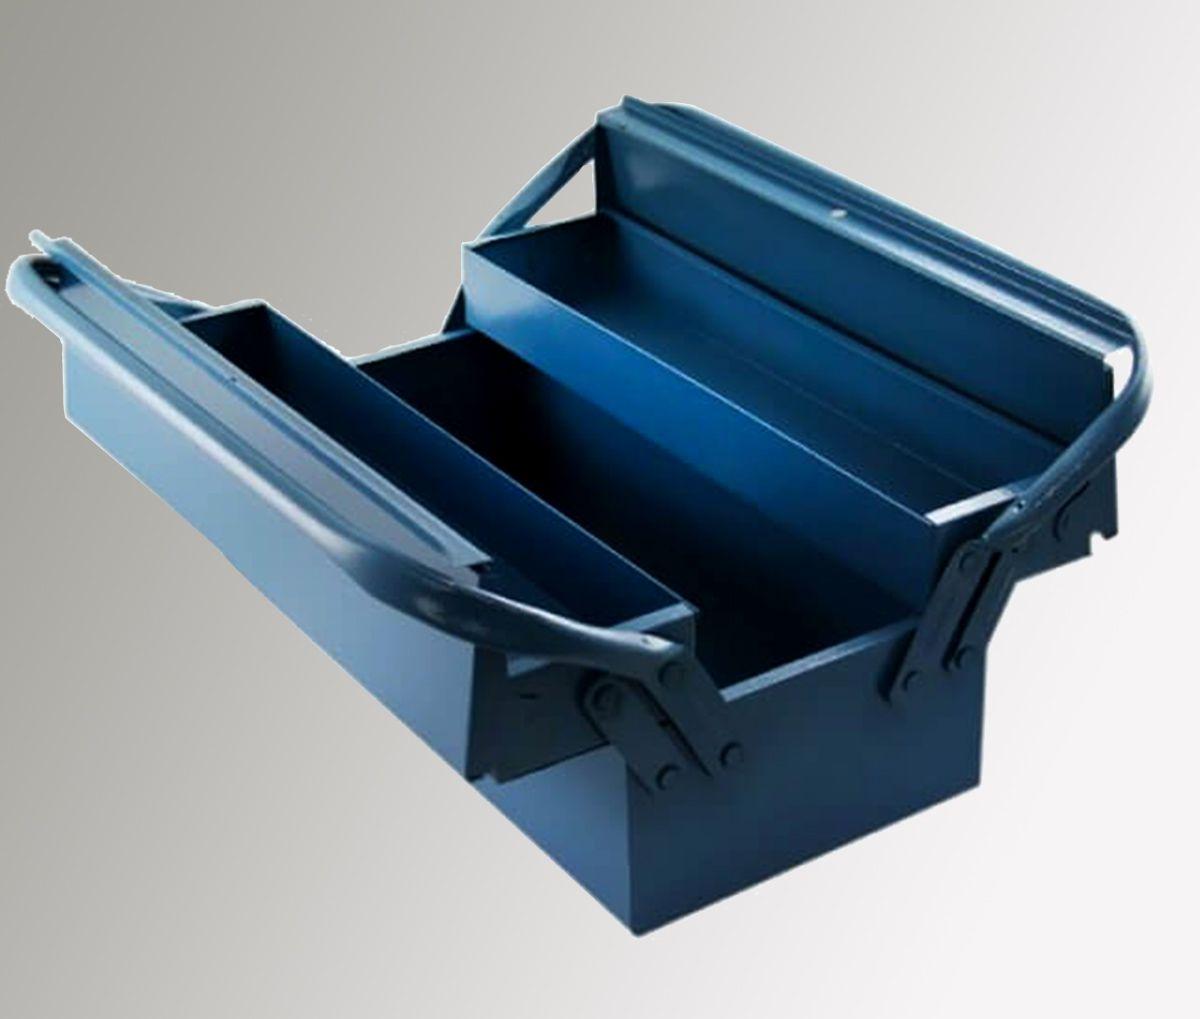 Caixa de Ferramentas 40cm 3 Gavetas Azul c/Alça Superior Marcon